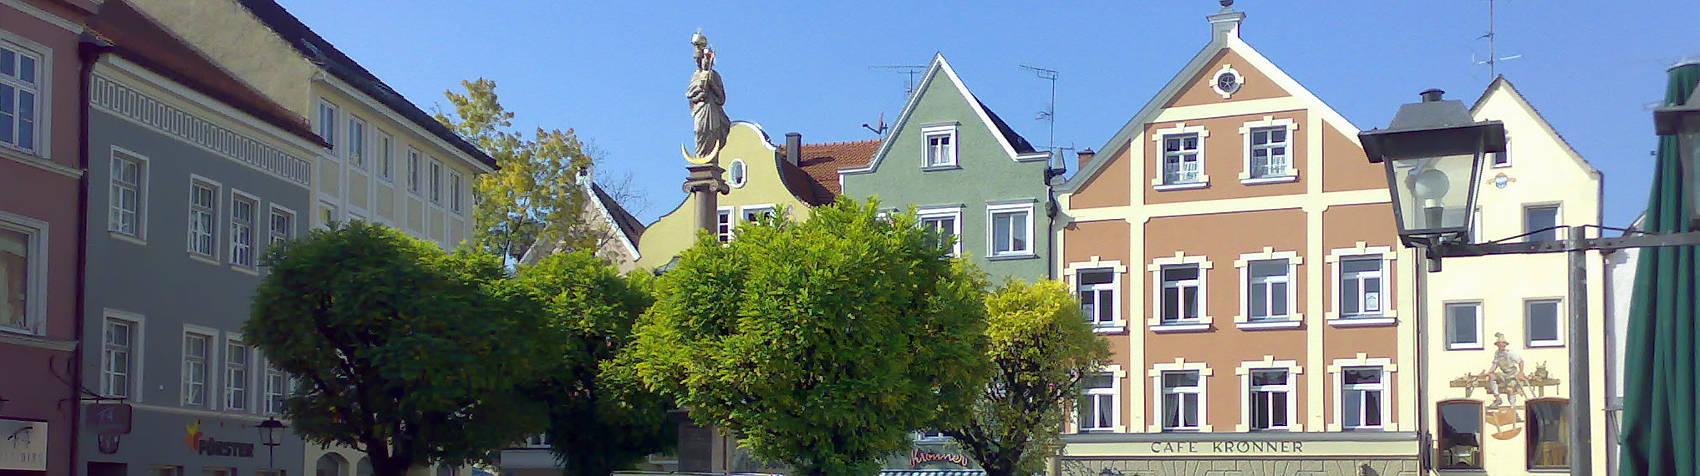 kostenlose kleinanzeigen sie sucht ihn Koblenz